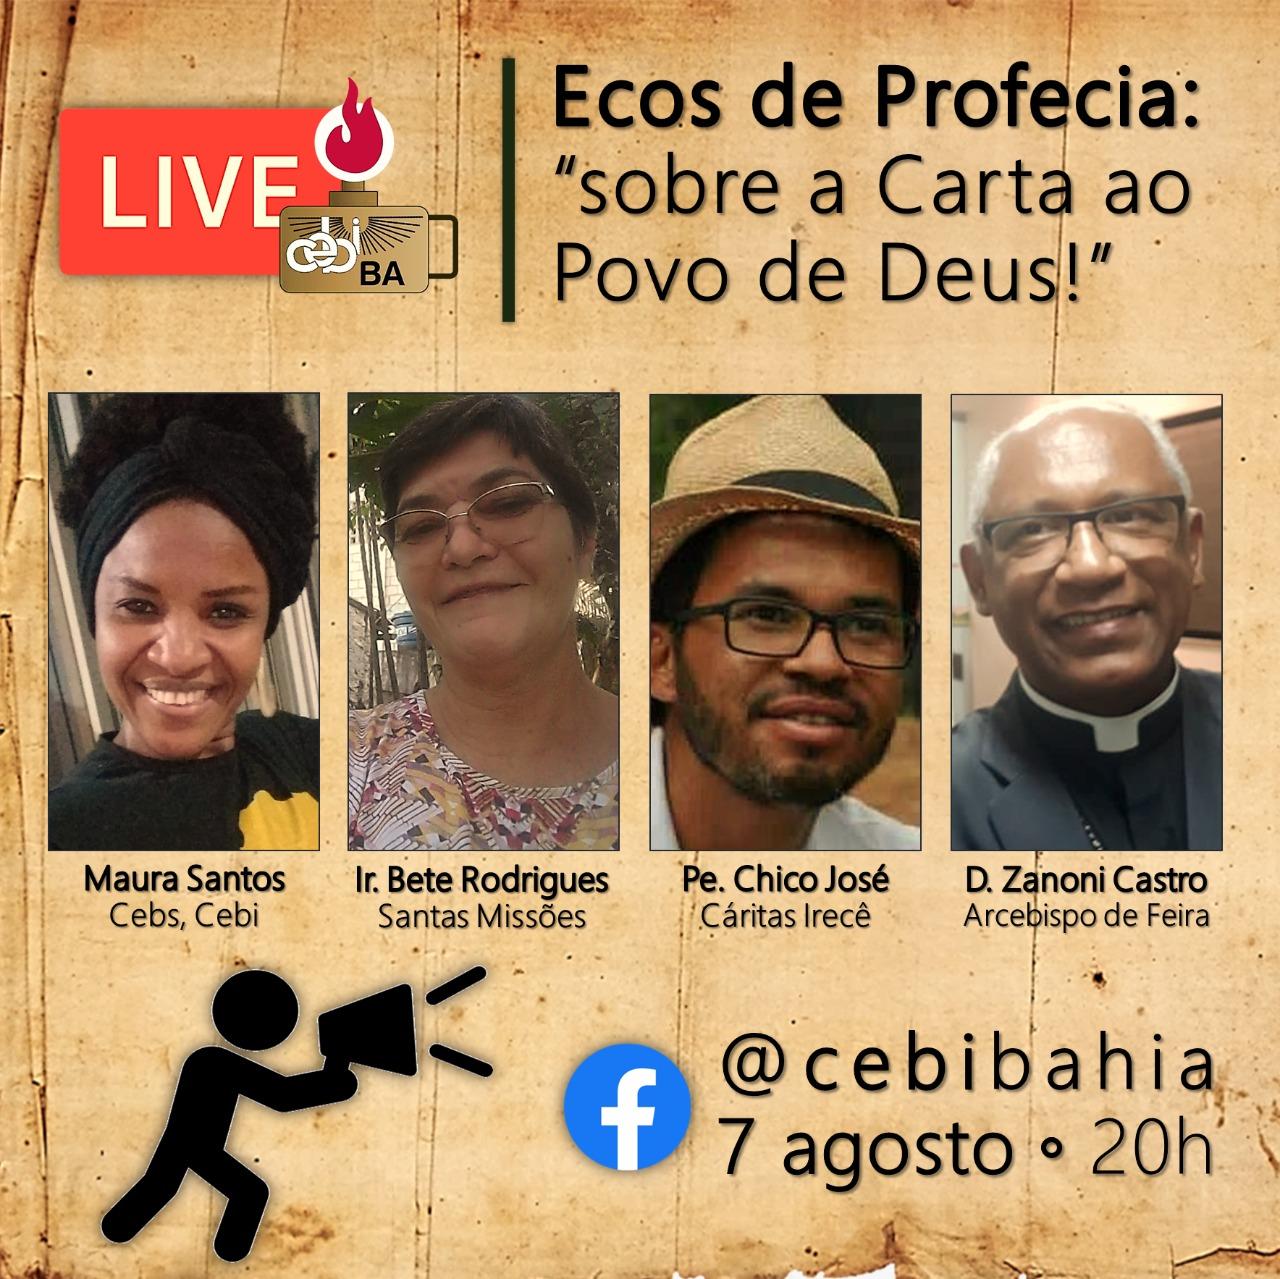 """CEBI Bahia promove live """" Ecos da Profecia: sobre a carta ao Povo de Deus"""""""